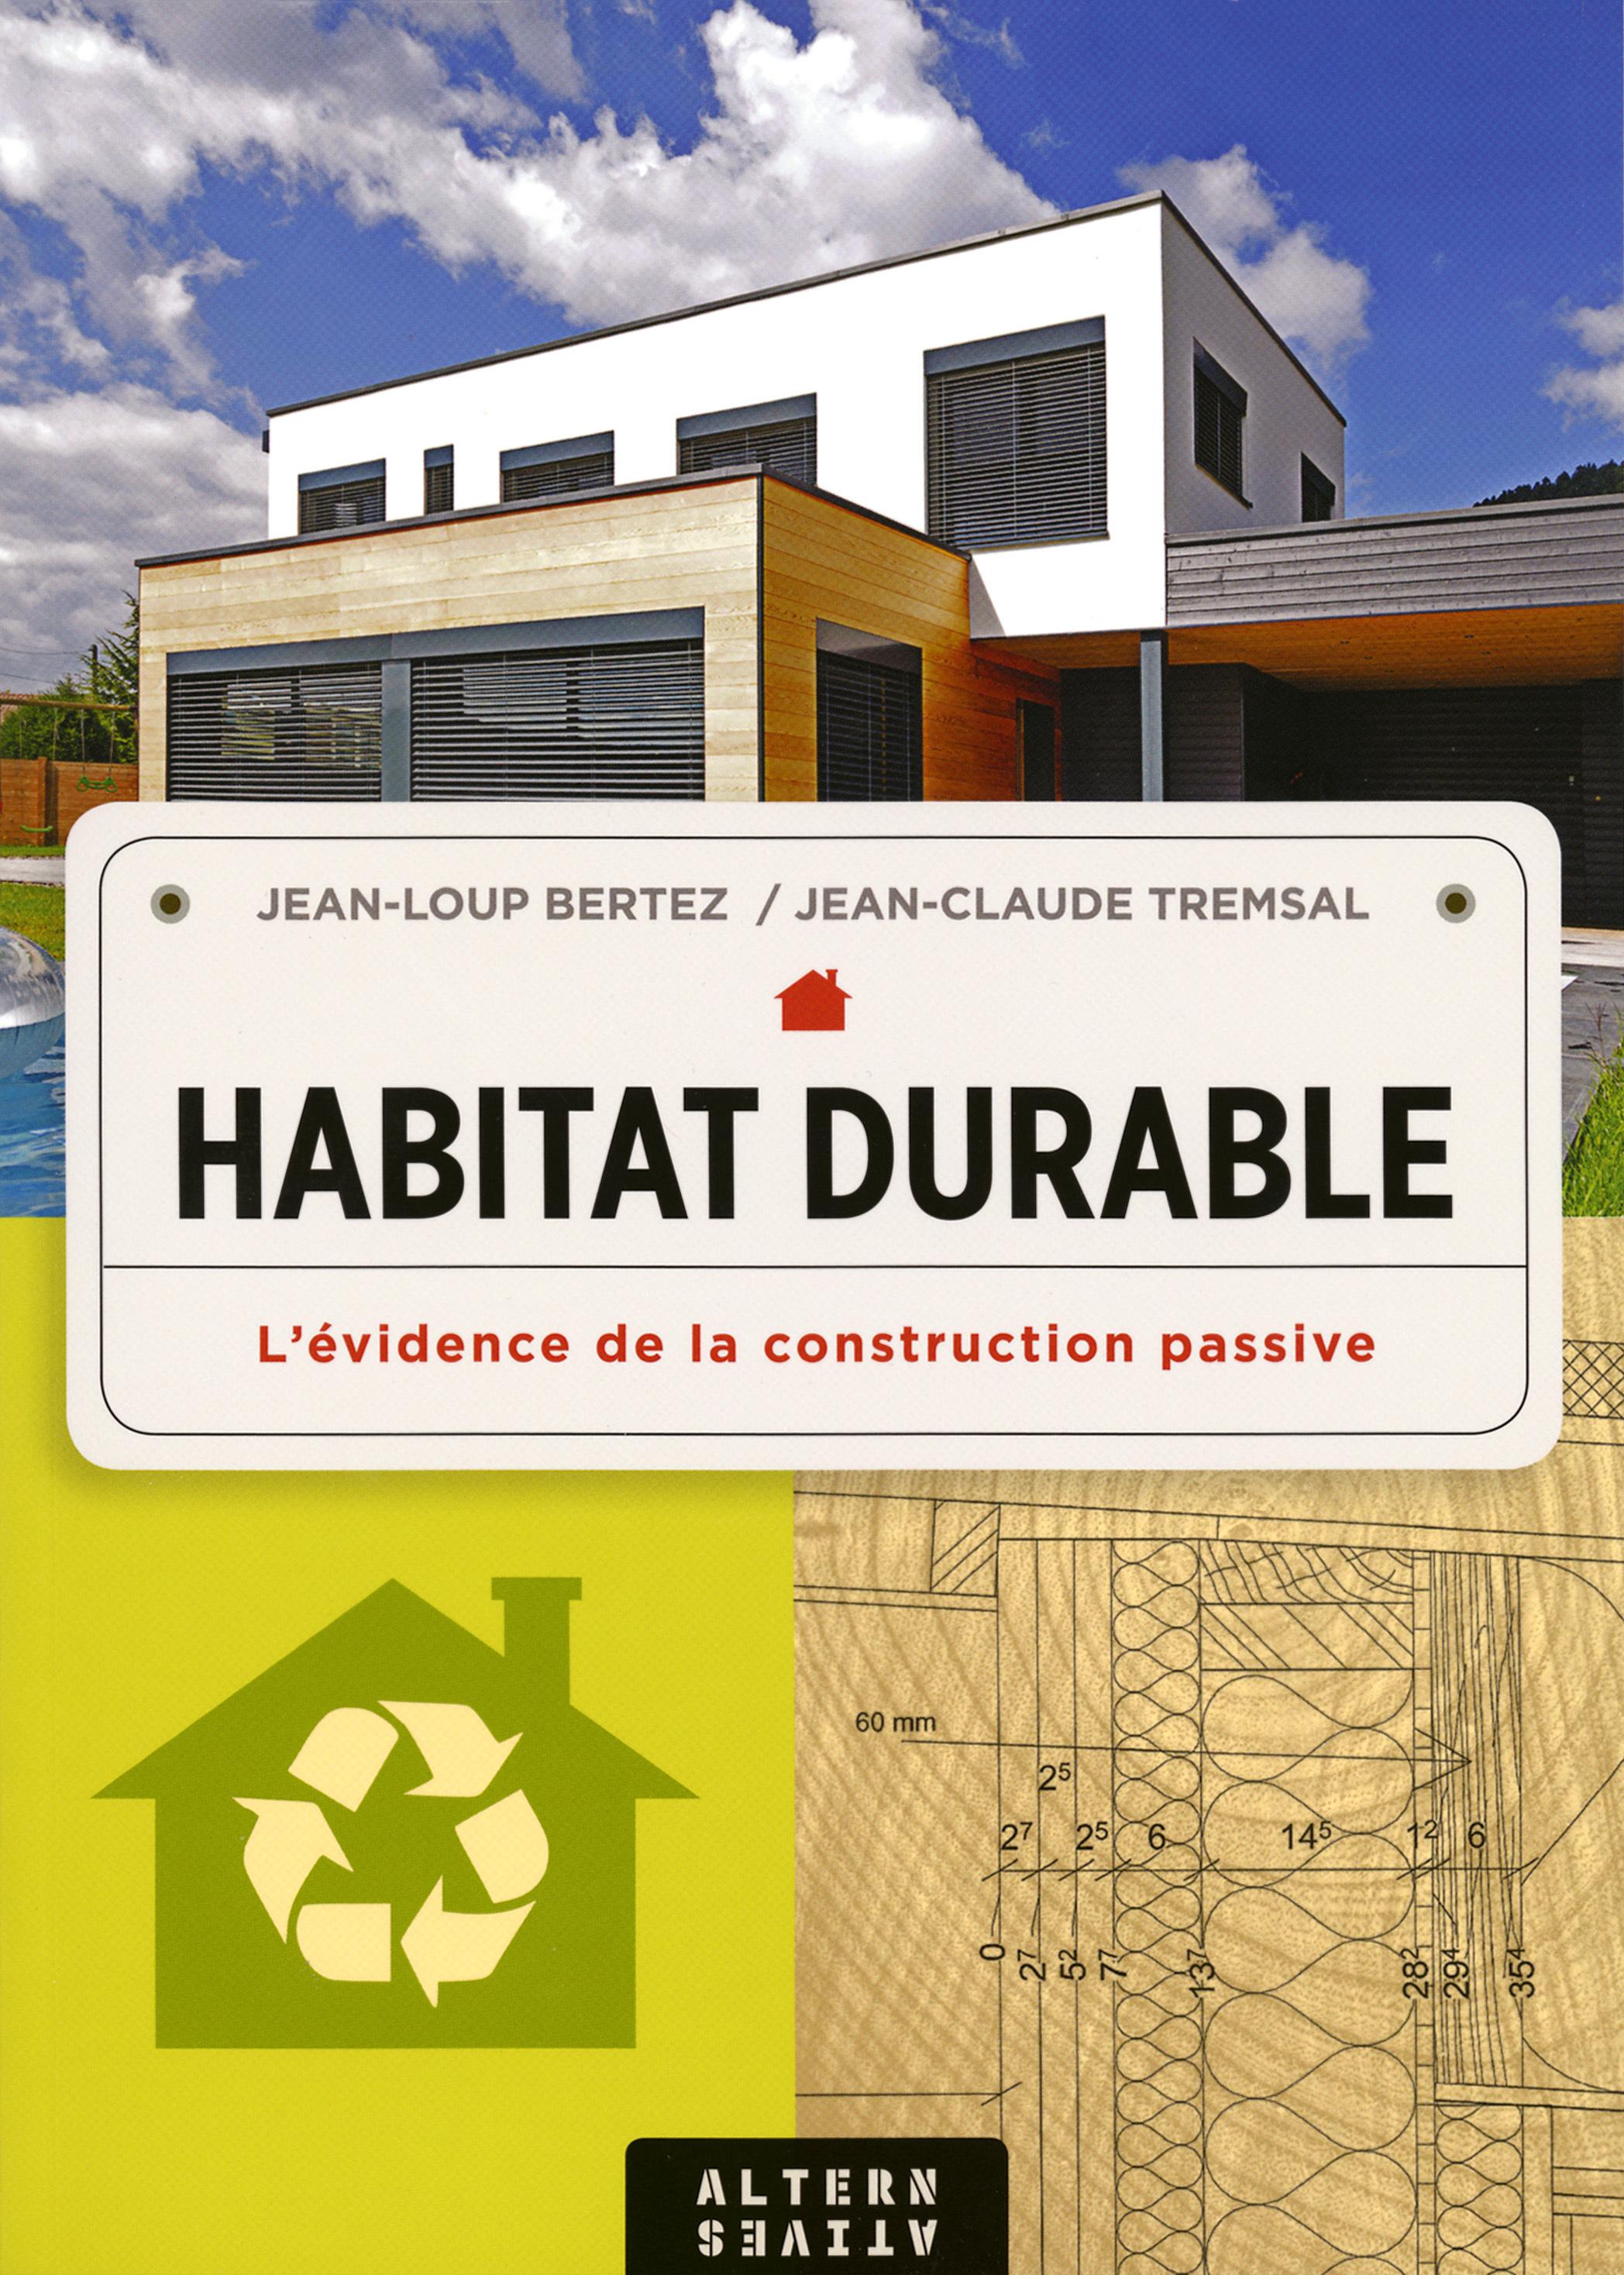 HABITAT DURABLE - L'EVIDENCE DE LA CONSTRUCTION PASSIVE